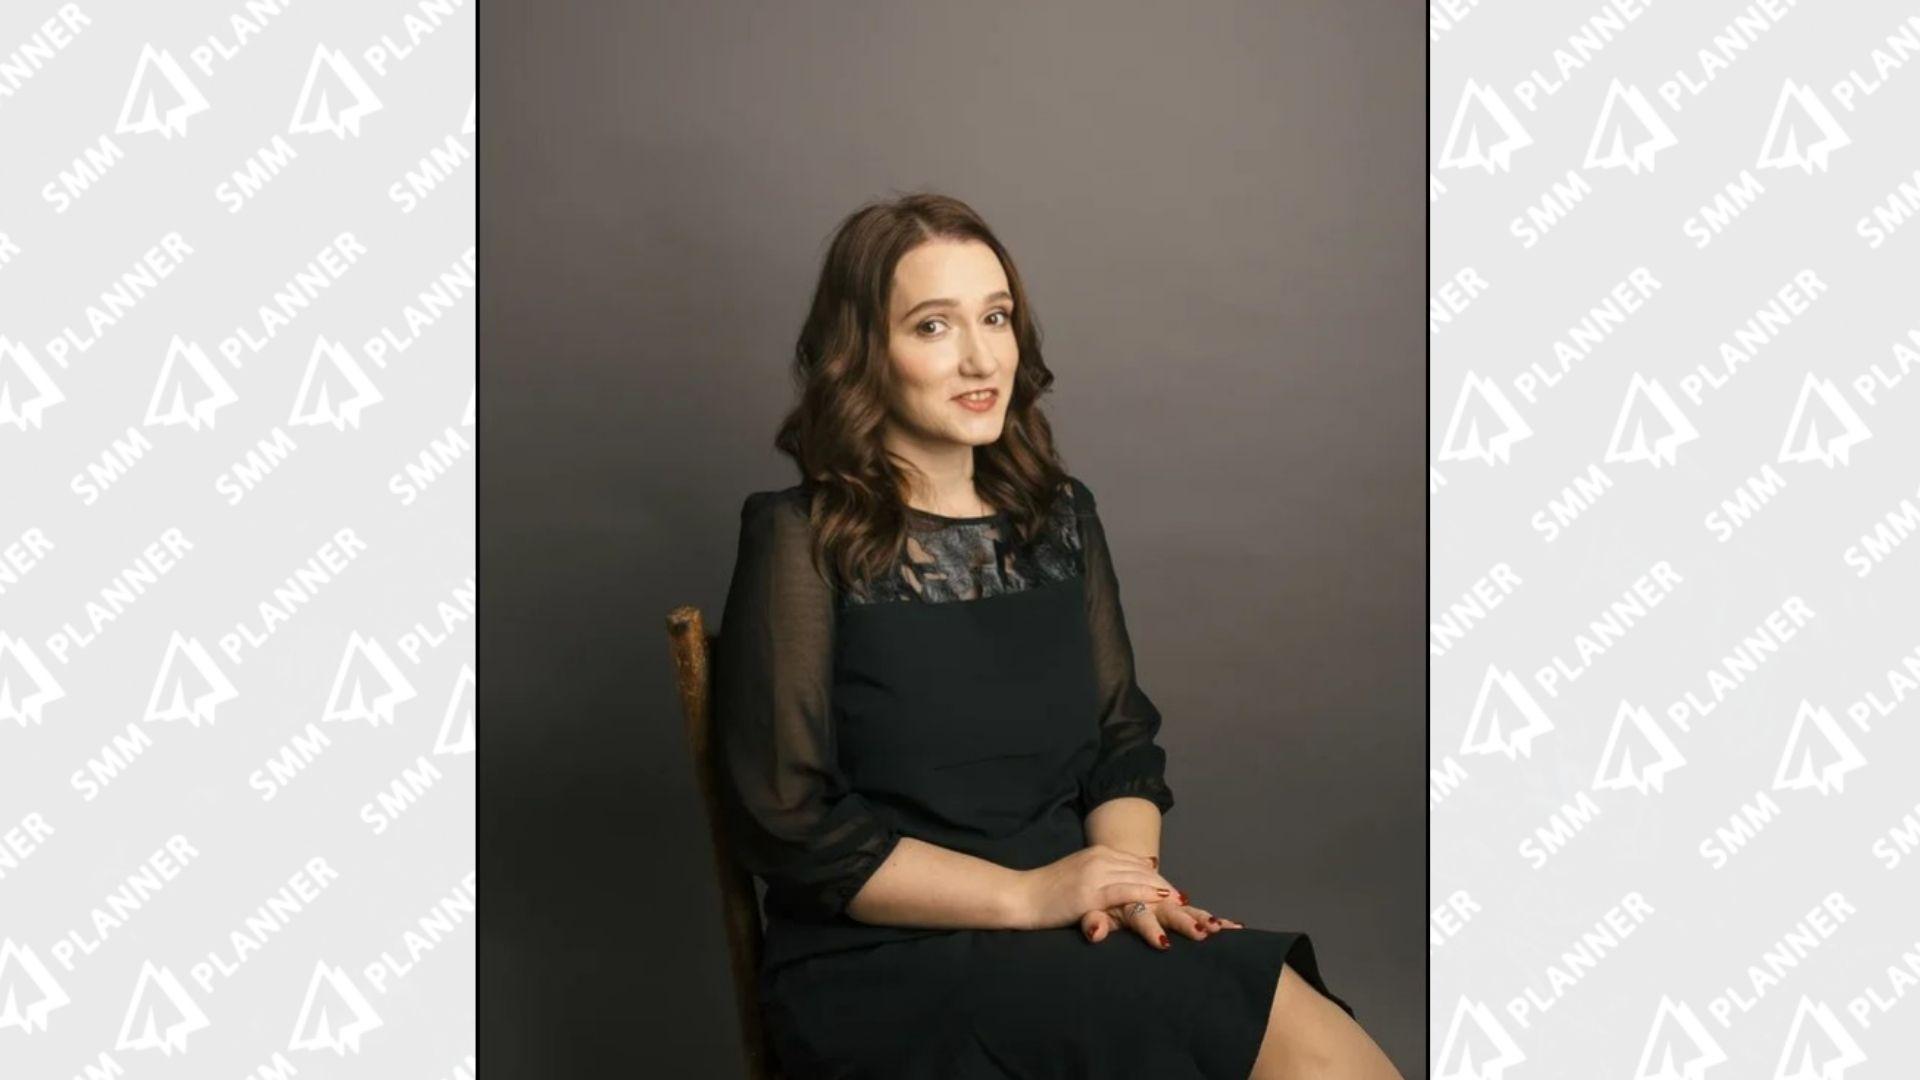 Копирайтер и интернет-маркетолог Надежда Богданова сделала свой сайт только в 2021 году. А очередь клиентов из соцсетей стоит к ней уже несколько лет